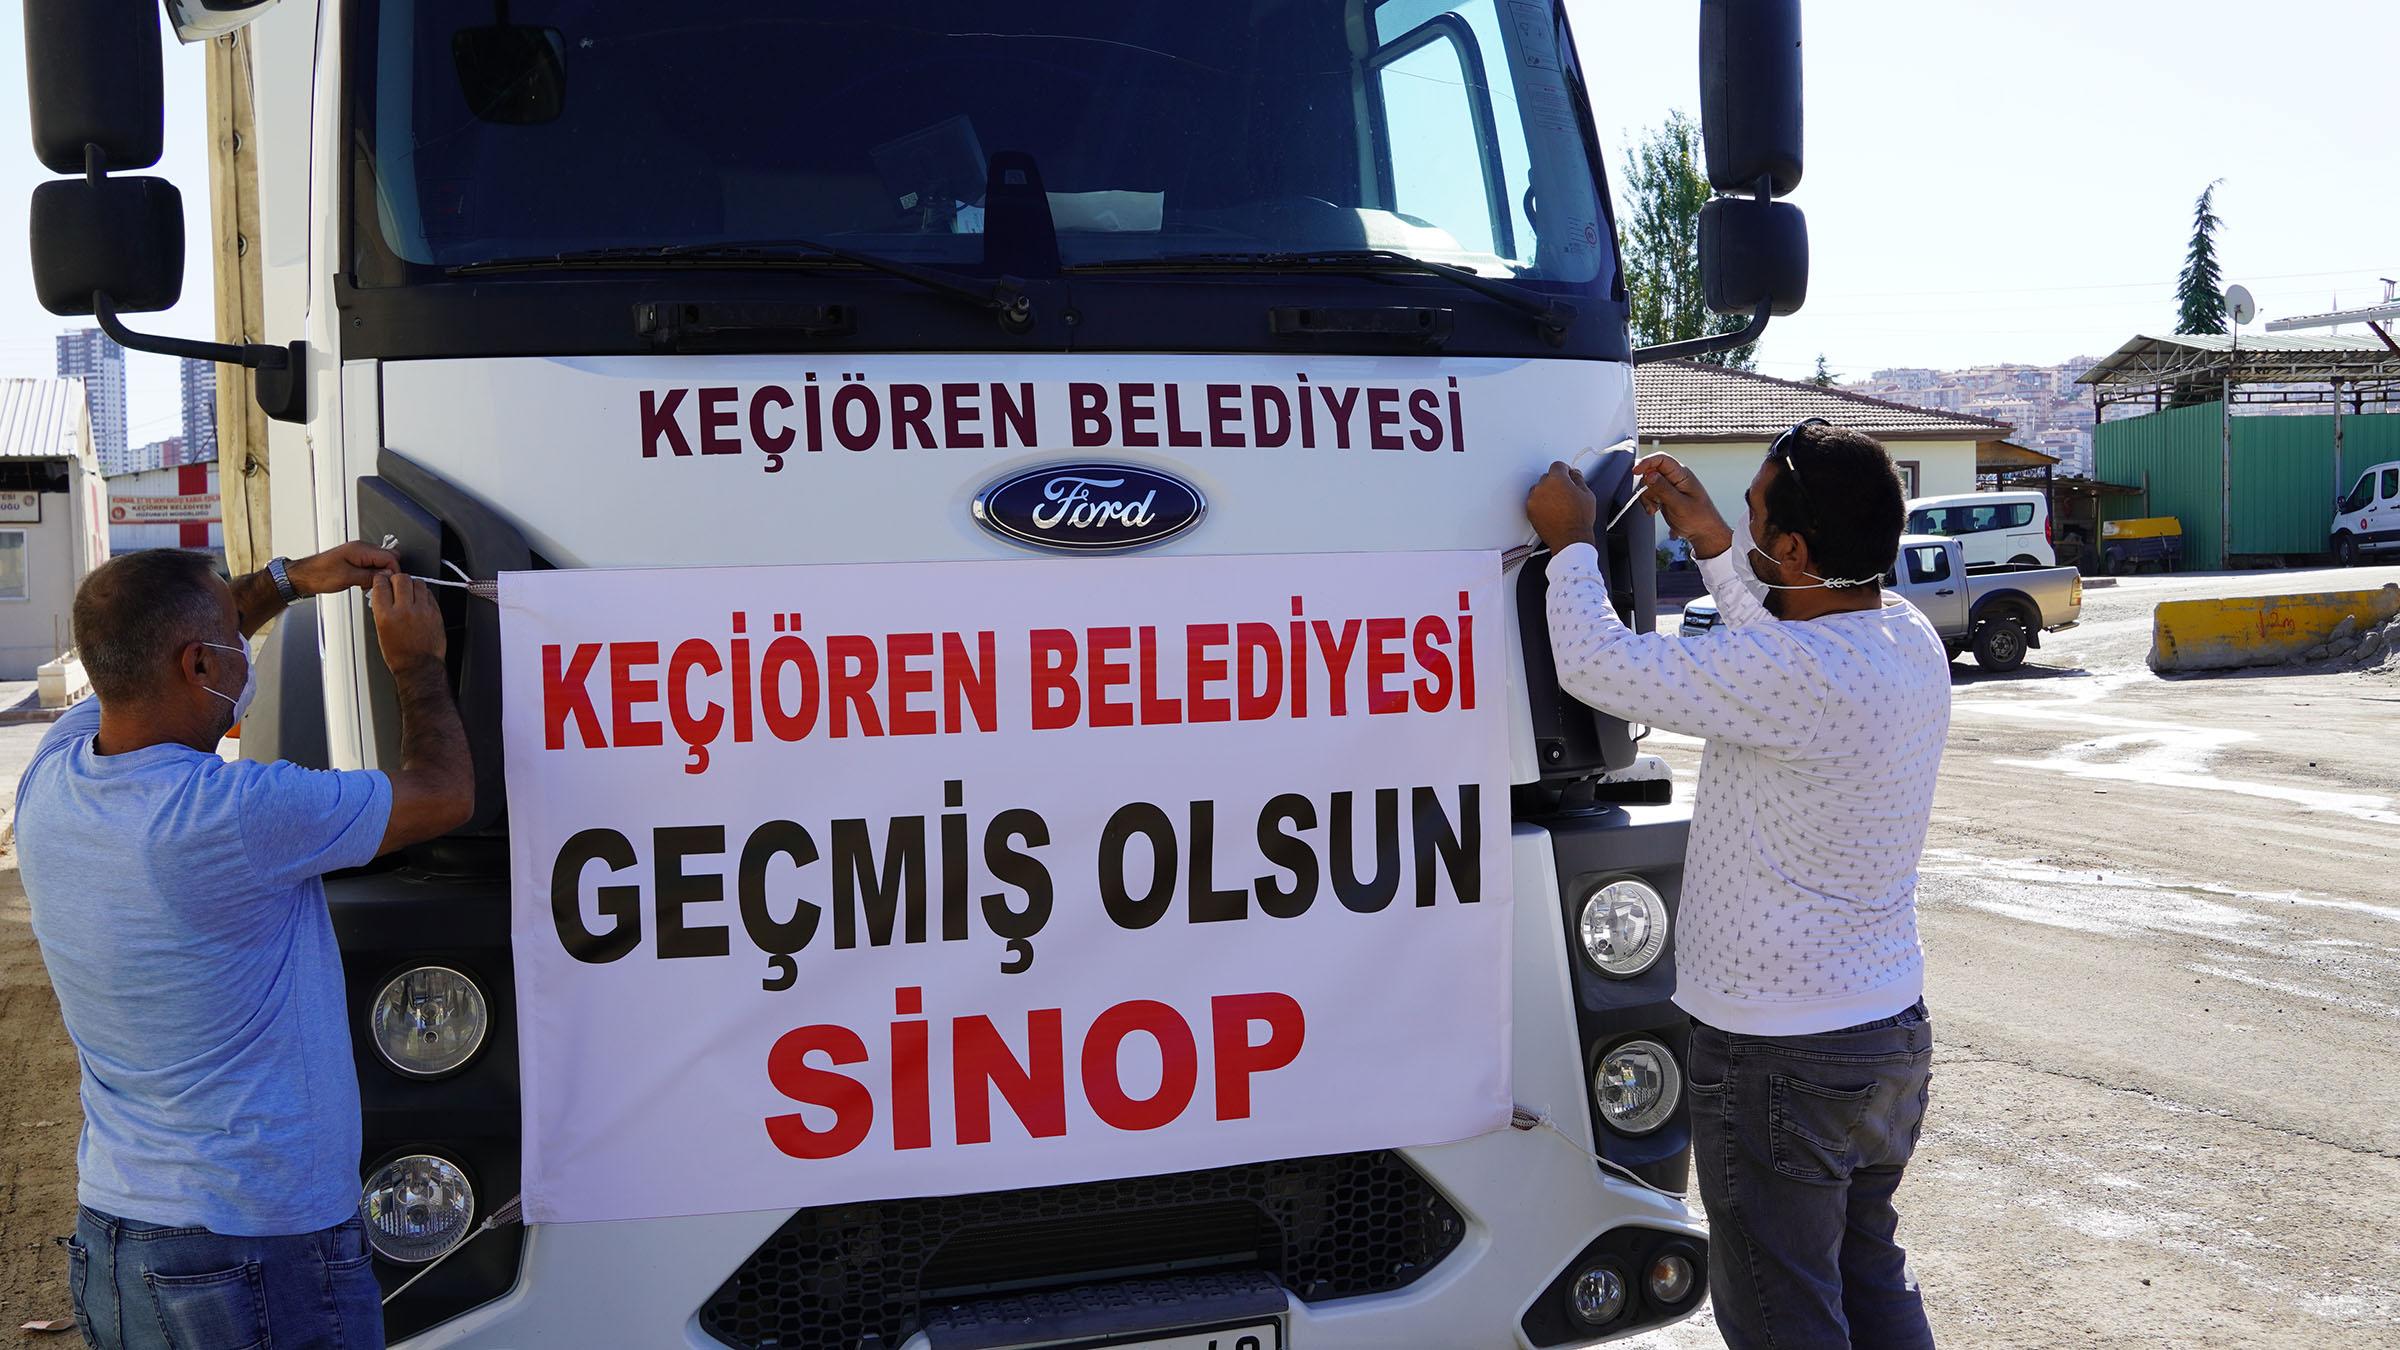 Keçiören Belediyesi, Sinop'a Yardım Tırı Gönderdi